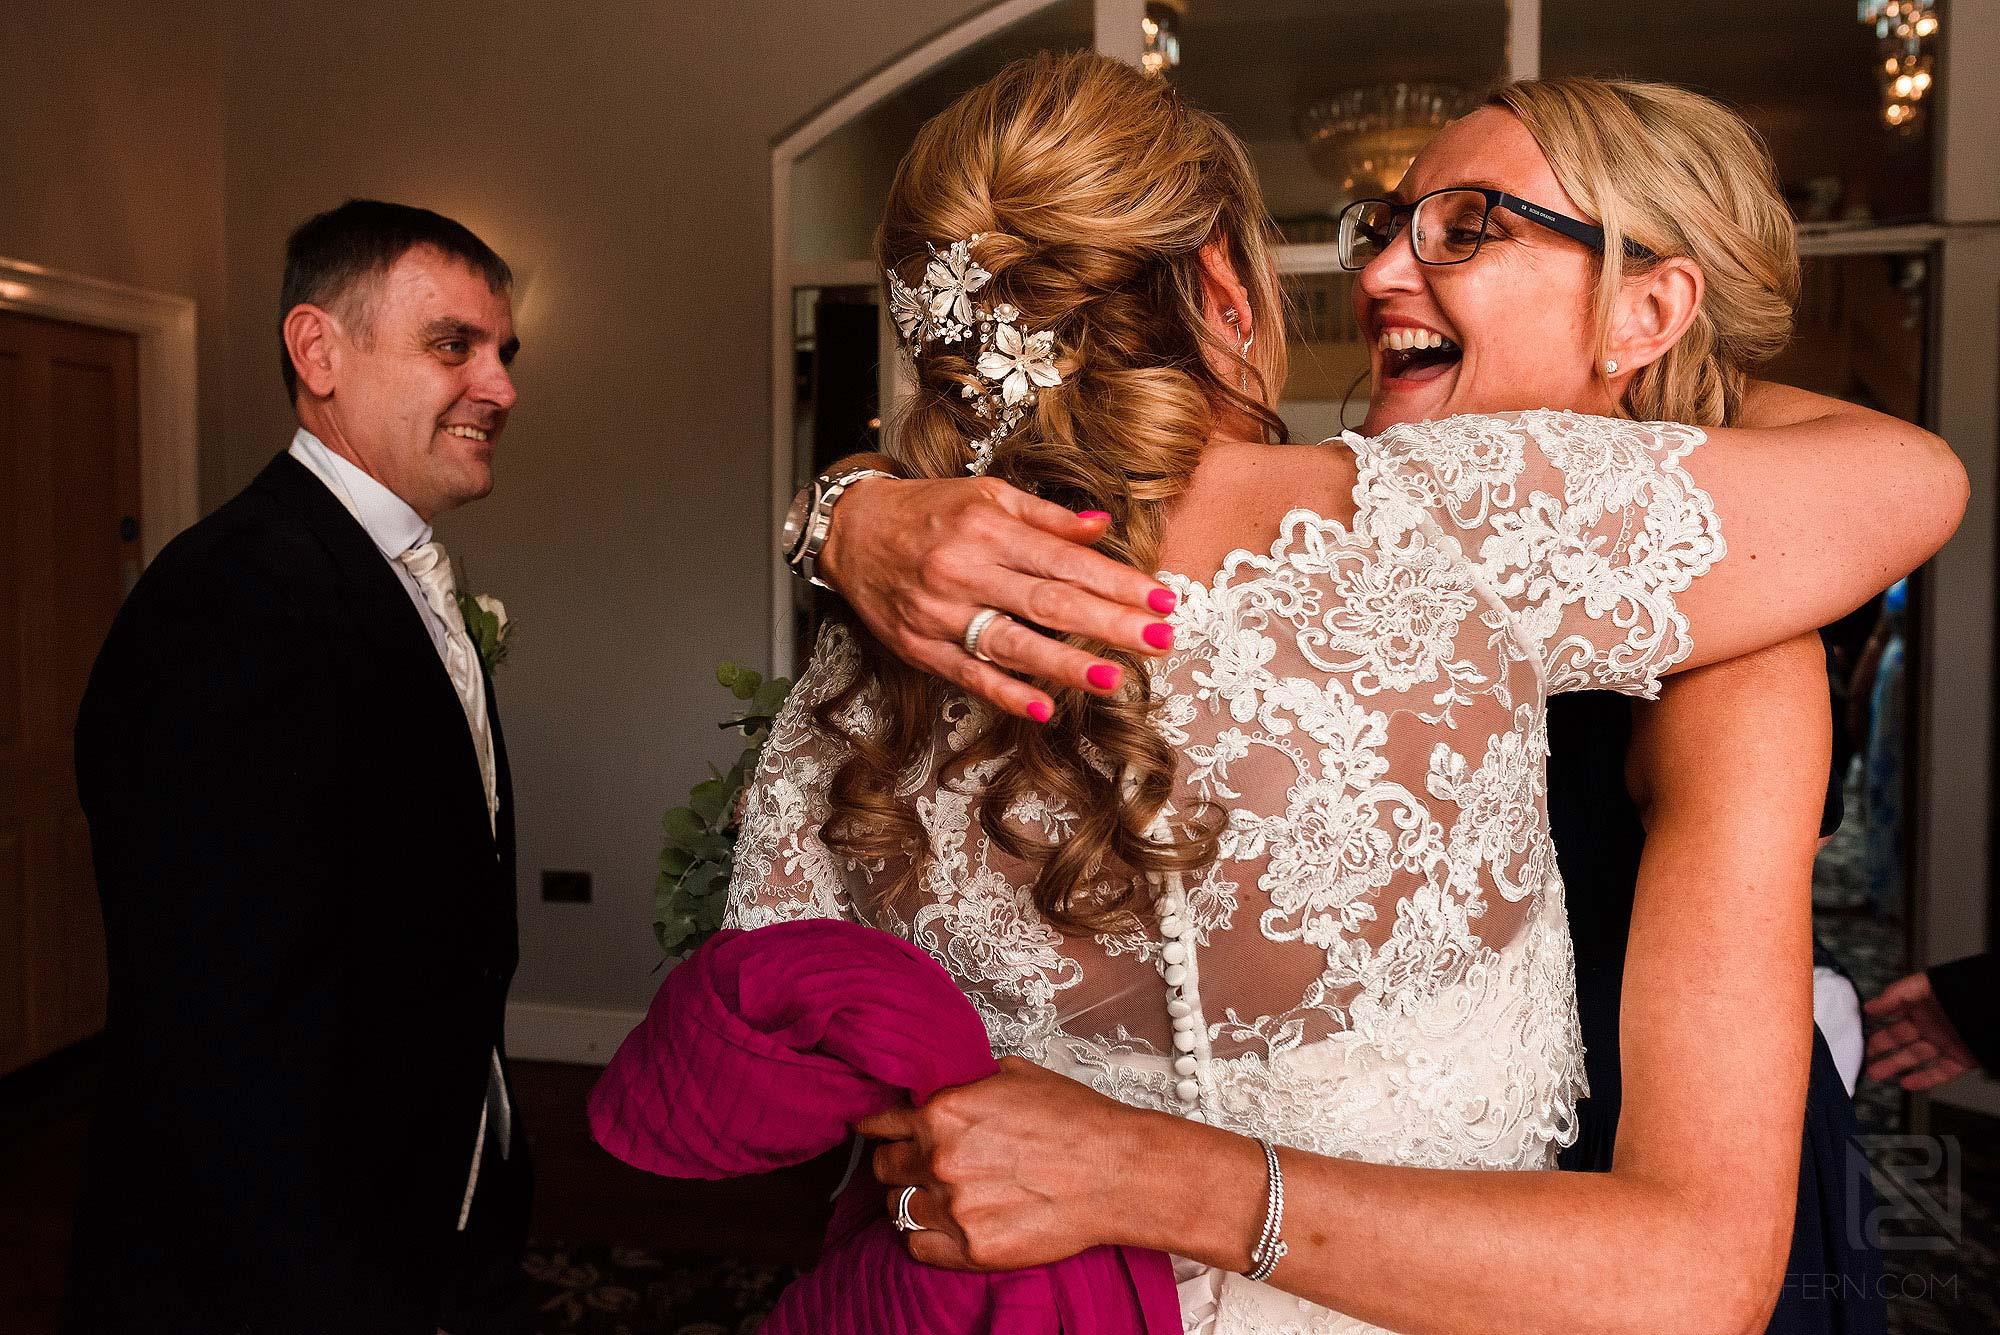 friend congratulating bride after wedding ceremony